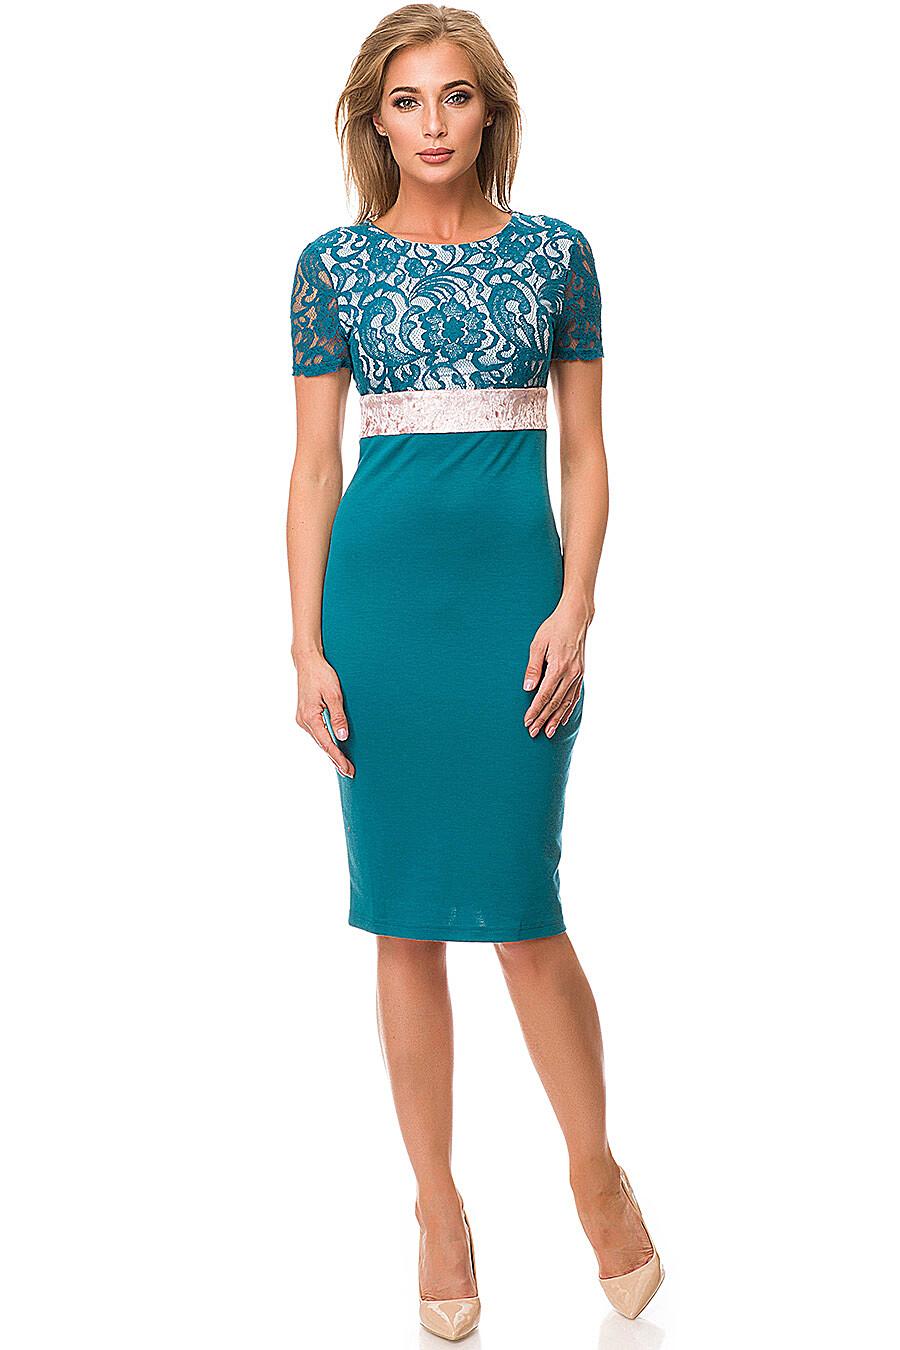 Платье LA VIA ESTELAR (83863), купить в Moyo.moda